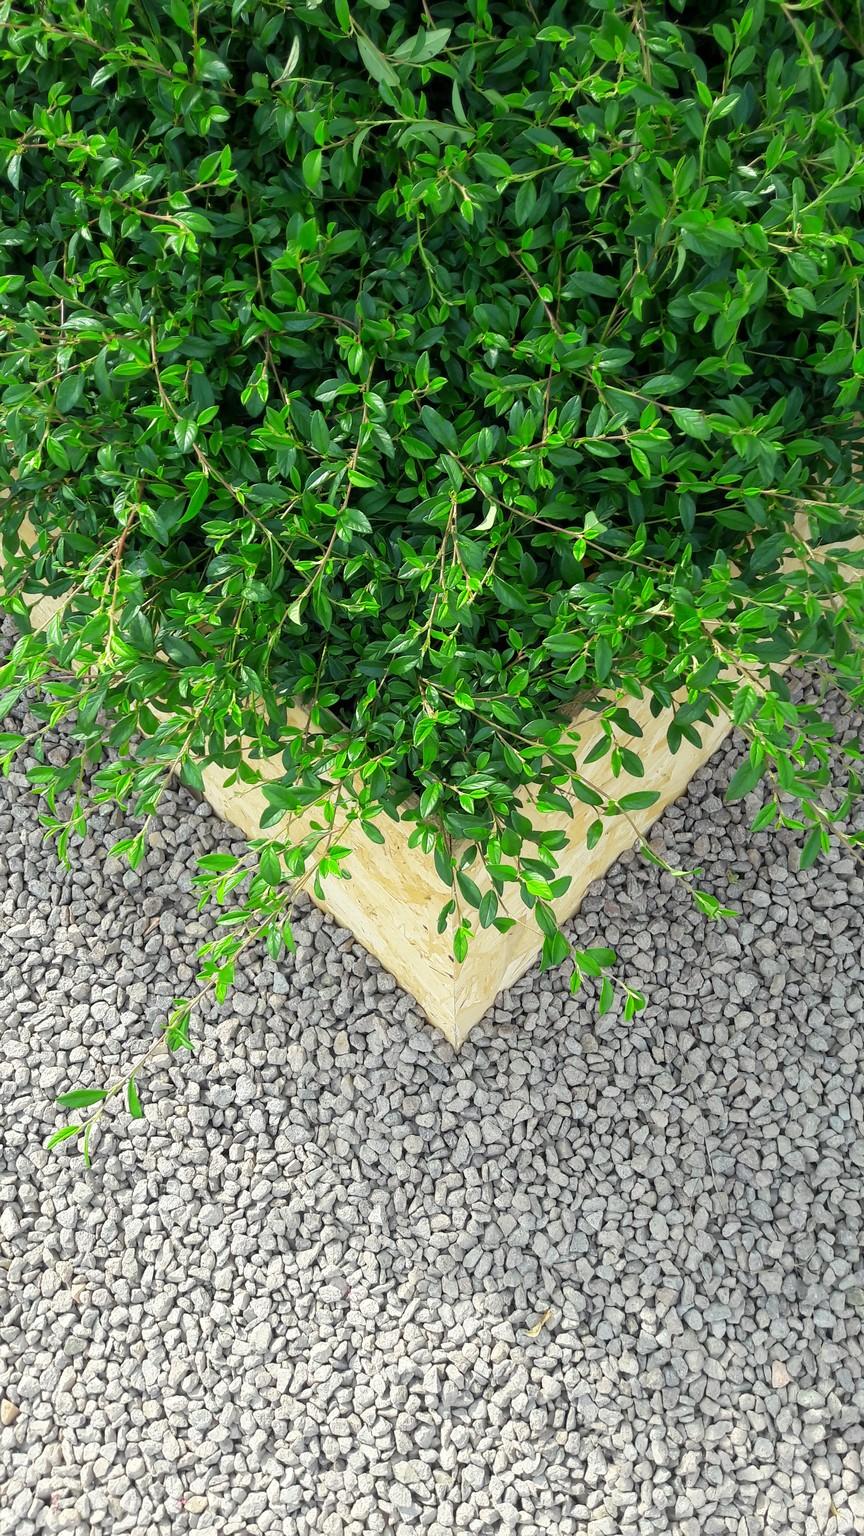 Concorso giardini Verdeggiando_111 Ode al giorno felice (ON78V) Ida Lia Russo